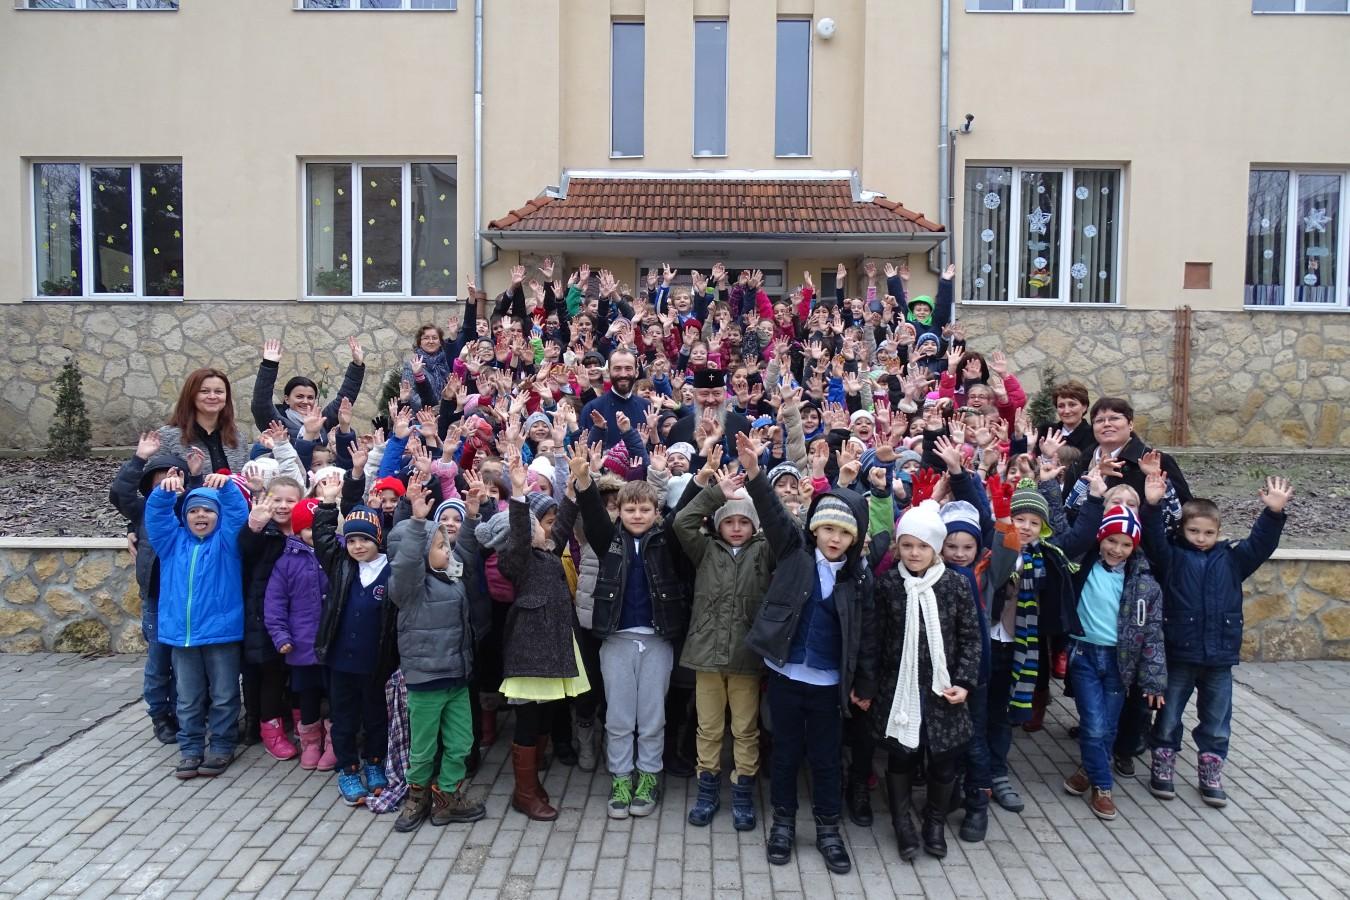 Bucuria Crăciunului, simțită din plin de elevii Seminarului Teologic Ortodox din Cluj